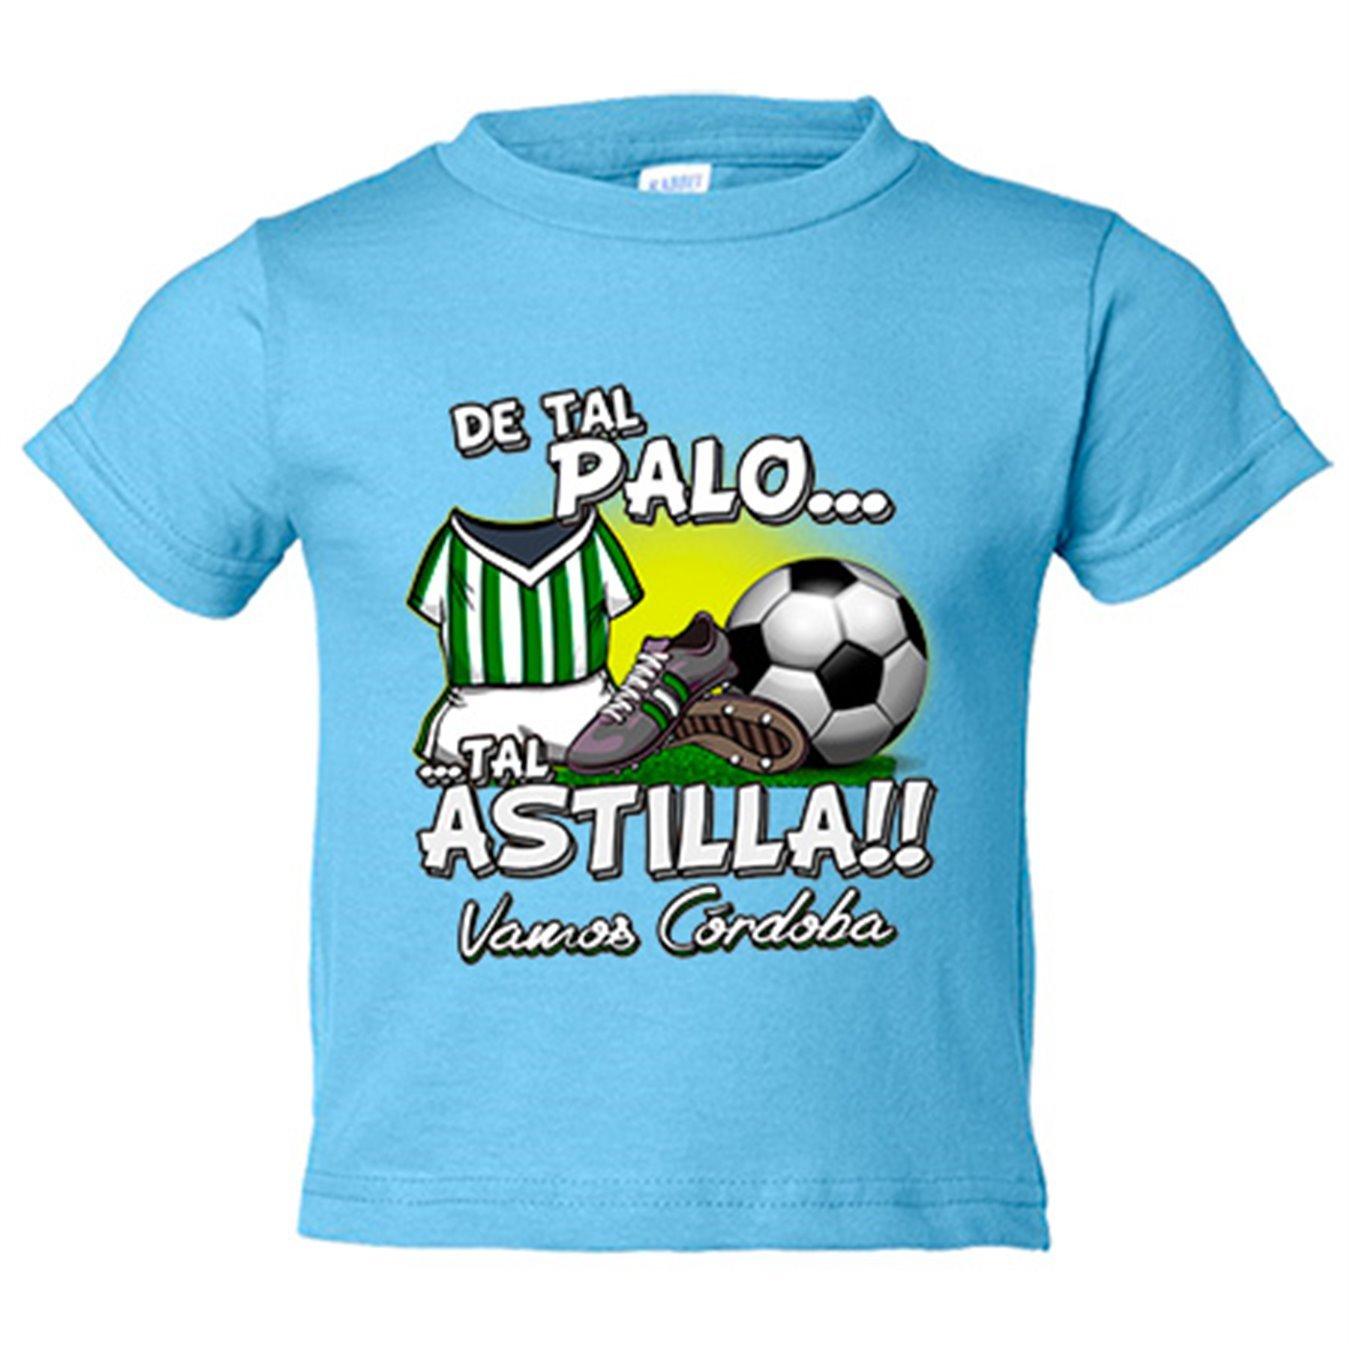 Camiseta niño De tal palo tal astilla Córdoba fútbol - Blanco, 3-4 años: Amazon.es: Bebé